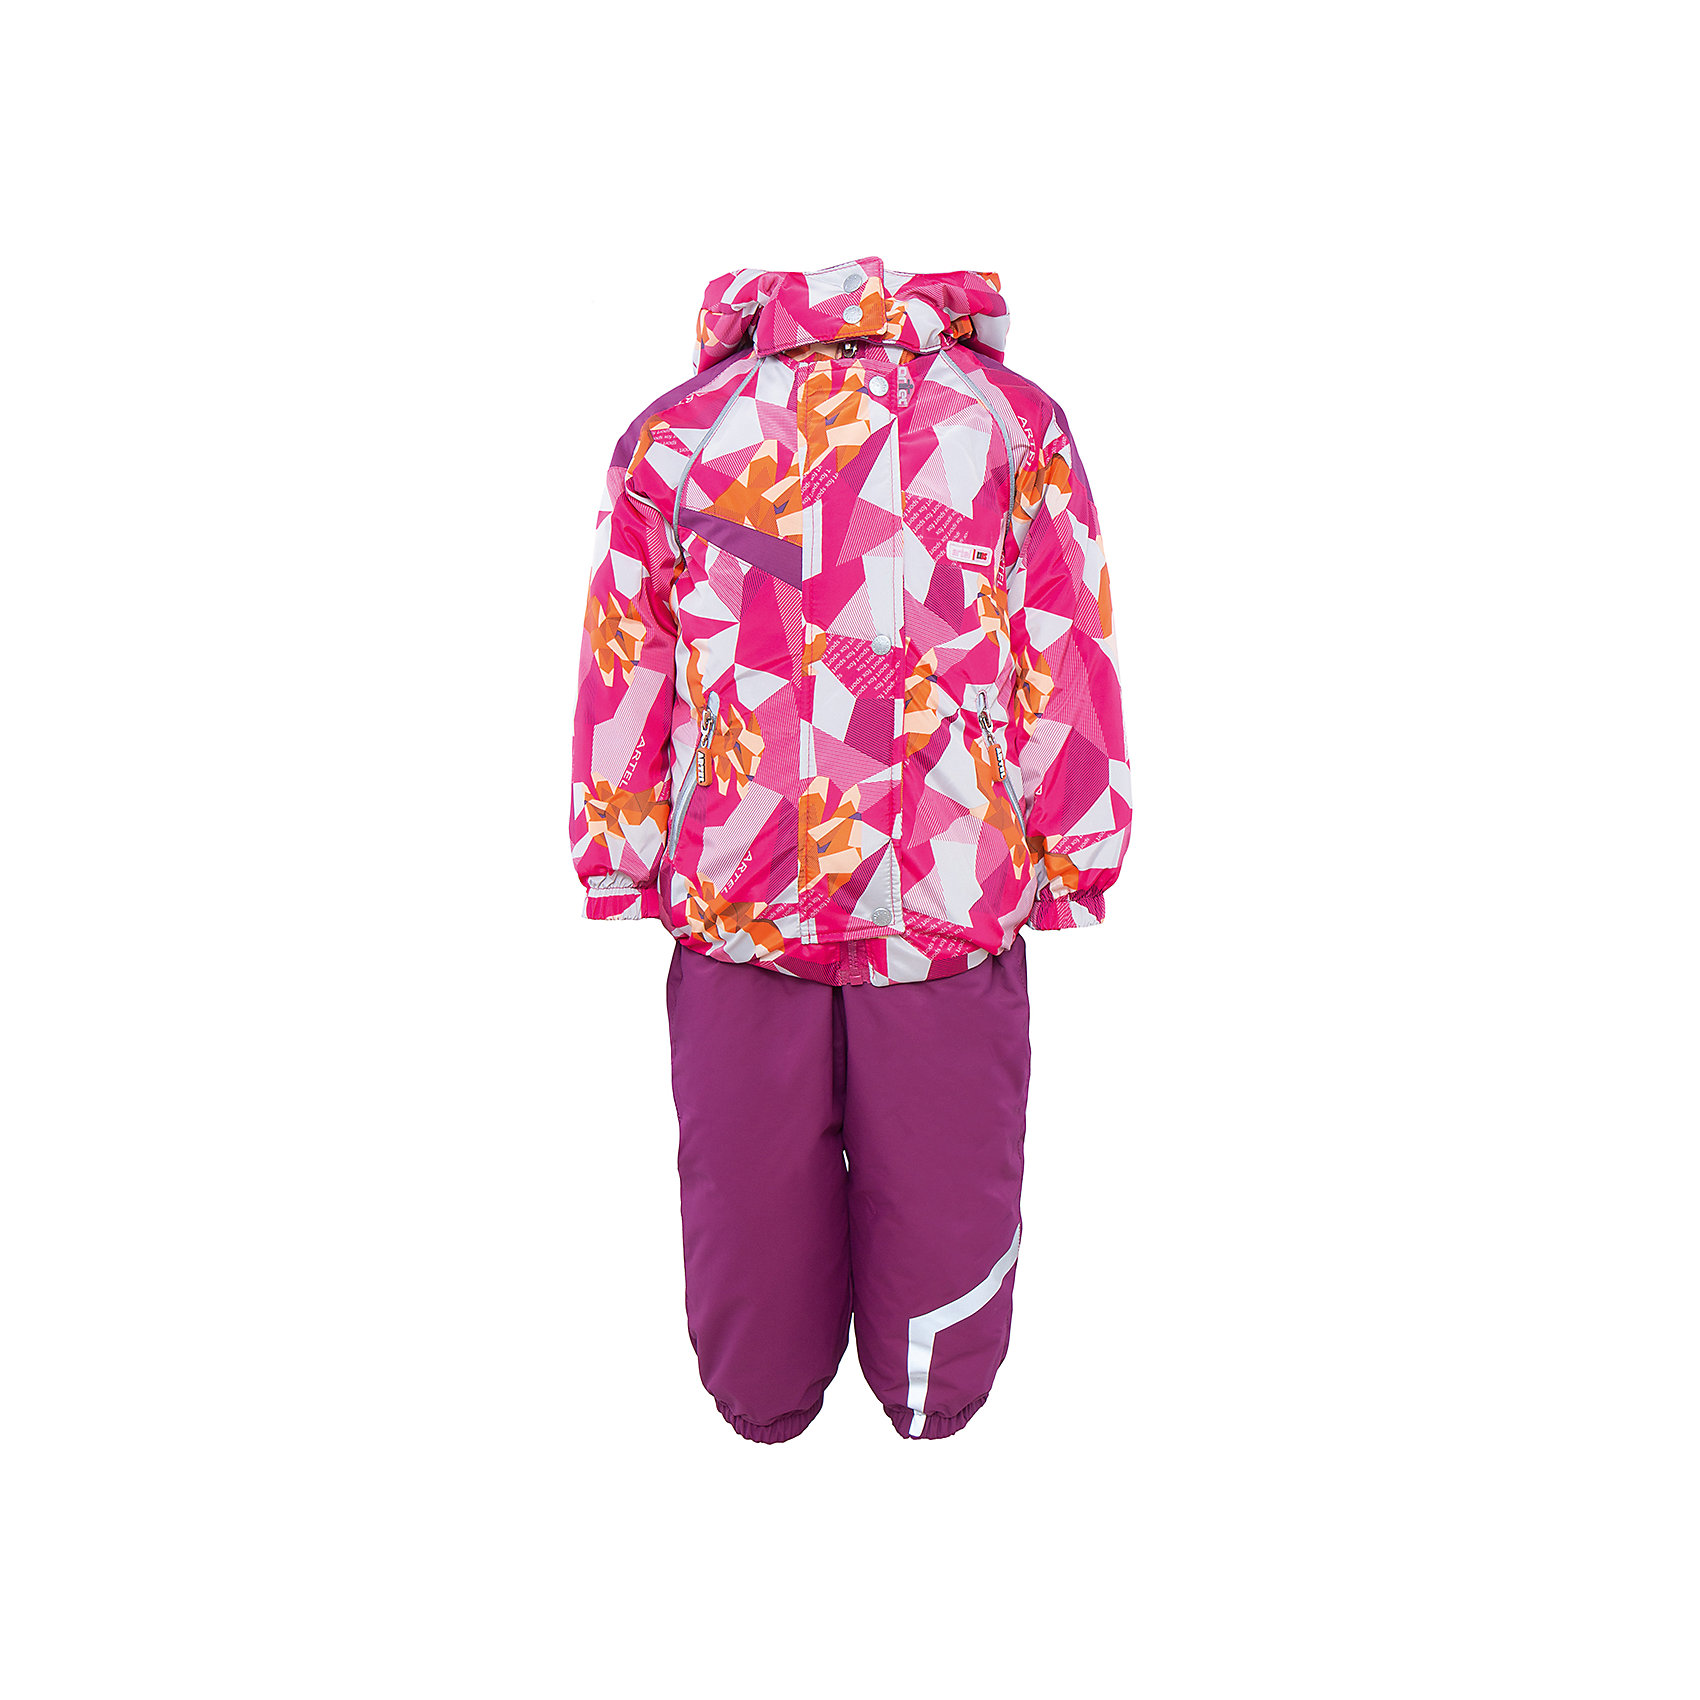 Комплект: куртка и полукомбинезон для девочки АртельКомплект: куртка и полукомбинезон для девочки от известного бренда Артель<br>Комплект на современном утеплителеиз мембранной ткани, позволит малышу долго гулять даже в самую слякотную погоду, кататься с мокрых горок и не промокнуть. Куртка выполнена из ткани с оригинальным геометрическим принтом. Центральный замок на молнию прикрыт ветрозащитной планкой. У полукомбинезона регулируется длина бретелек. По низу штанишек расположены штрипки, которые фиксируются на сапожках, удерживают штанину от задирания и обеспечивают дополнительную защиту от скольжения. Сзади, по линии талии, для дополнительной фиксации, расположена резинка.<br>Состав:<br>Верх: KB-703 HiPora<br>Подкладка: интерлок<br>Утеплитель: TermoFinn 200<br>Полукомбинезон:<br>Верх: Dobby HiPora<br>Подкладка: флис, пэ<br>Утеплитель: TermoFinn 200<br><br>Ширина мм: 215<br>Глубина мм: 88<br>Высота мм: 191<br>Вес г: 336<br>Цвет: розовый<br>Возраст от месяцев: 24<br>Возраст до месяцев: 36<br>Пол: Женский<br>Возраст: Детский<br>Размер: 98,110,104<br>SKU: 4963987